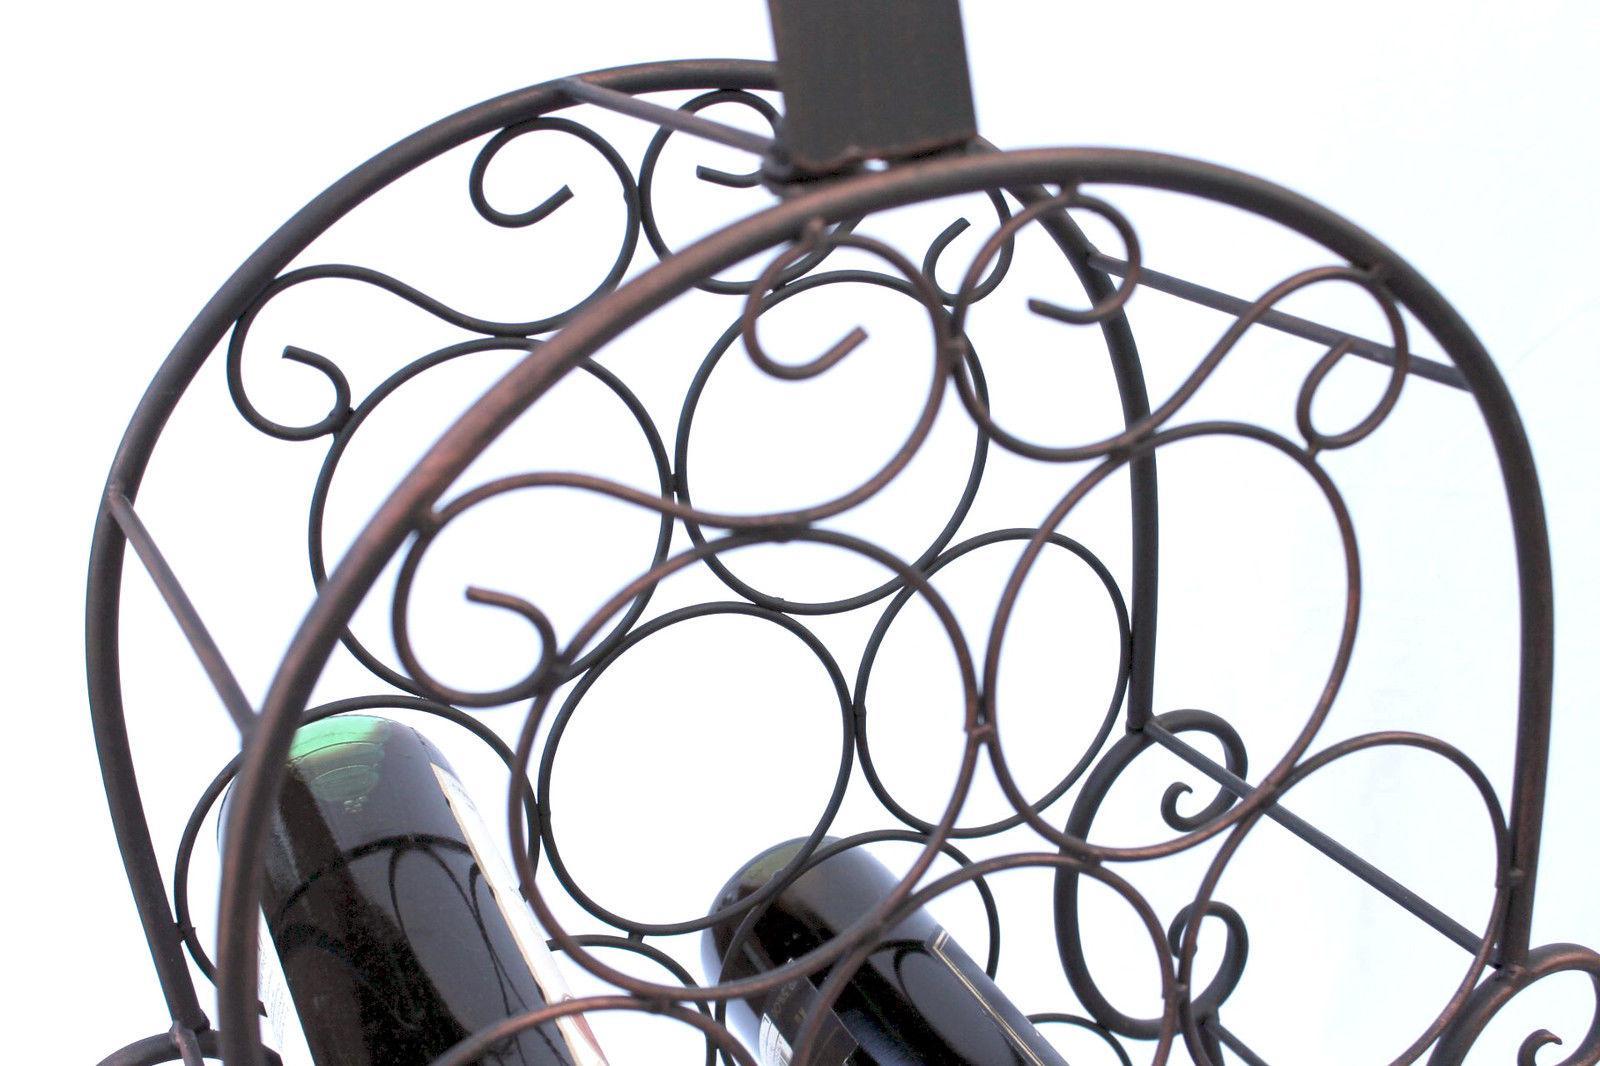 weinregal cello aus metall 100136 flaschenhalter 134 cm flaschenregal wein bar ebay. Black Bedroom Furniture Sets. Home Design Ideas